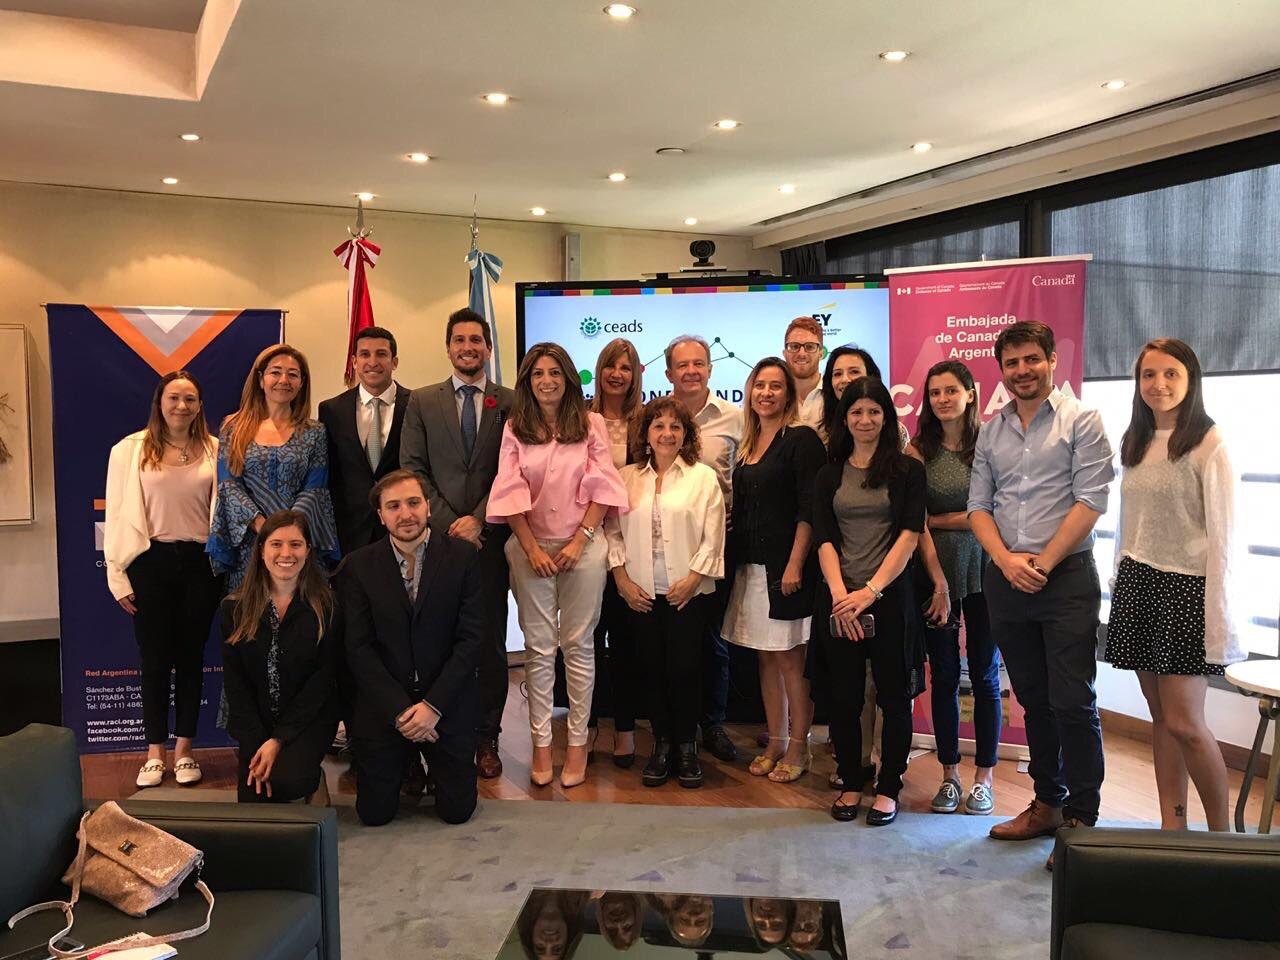 Un avance para conectar a las empresas y organizaciones con los ODS